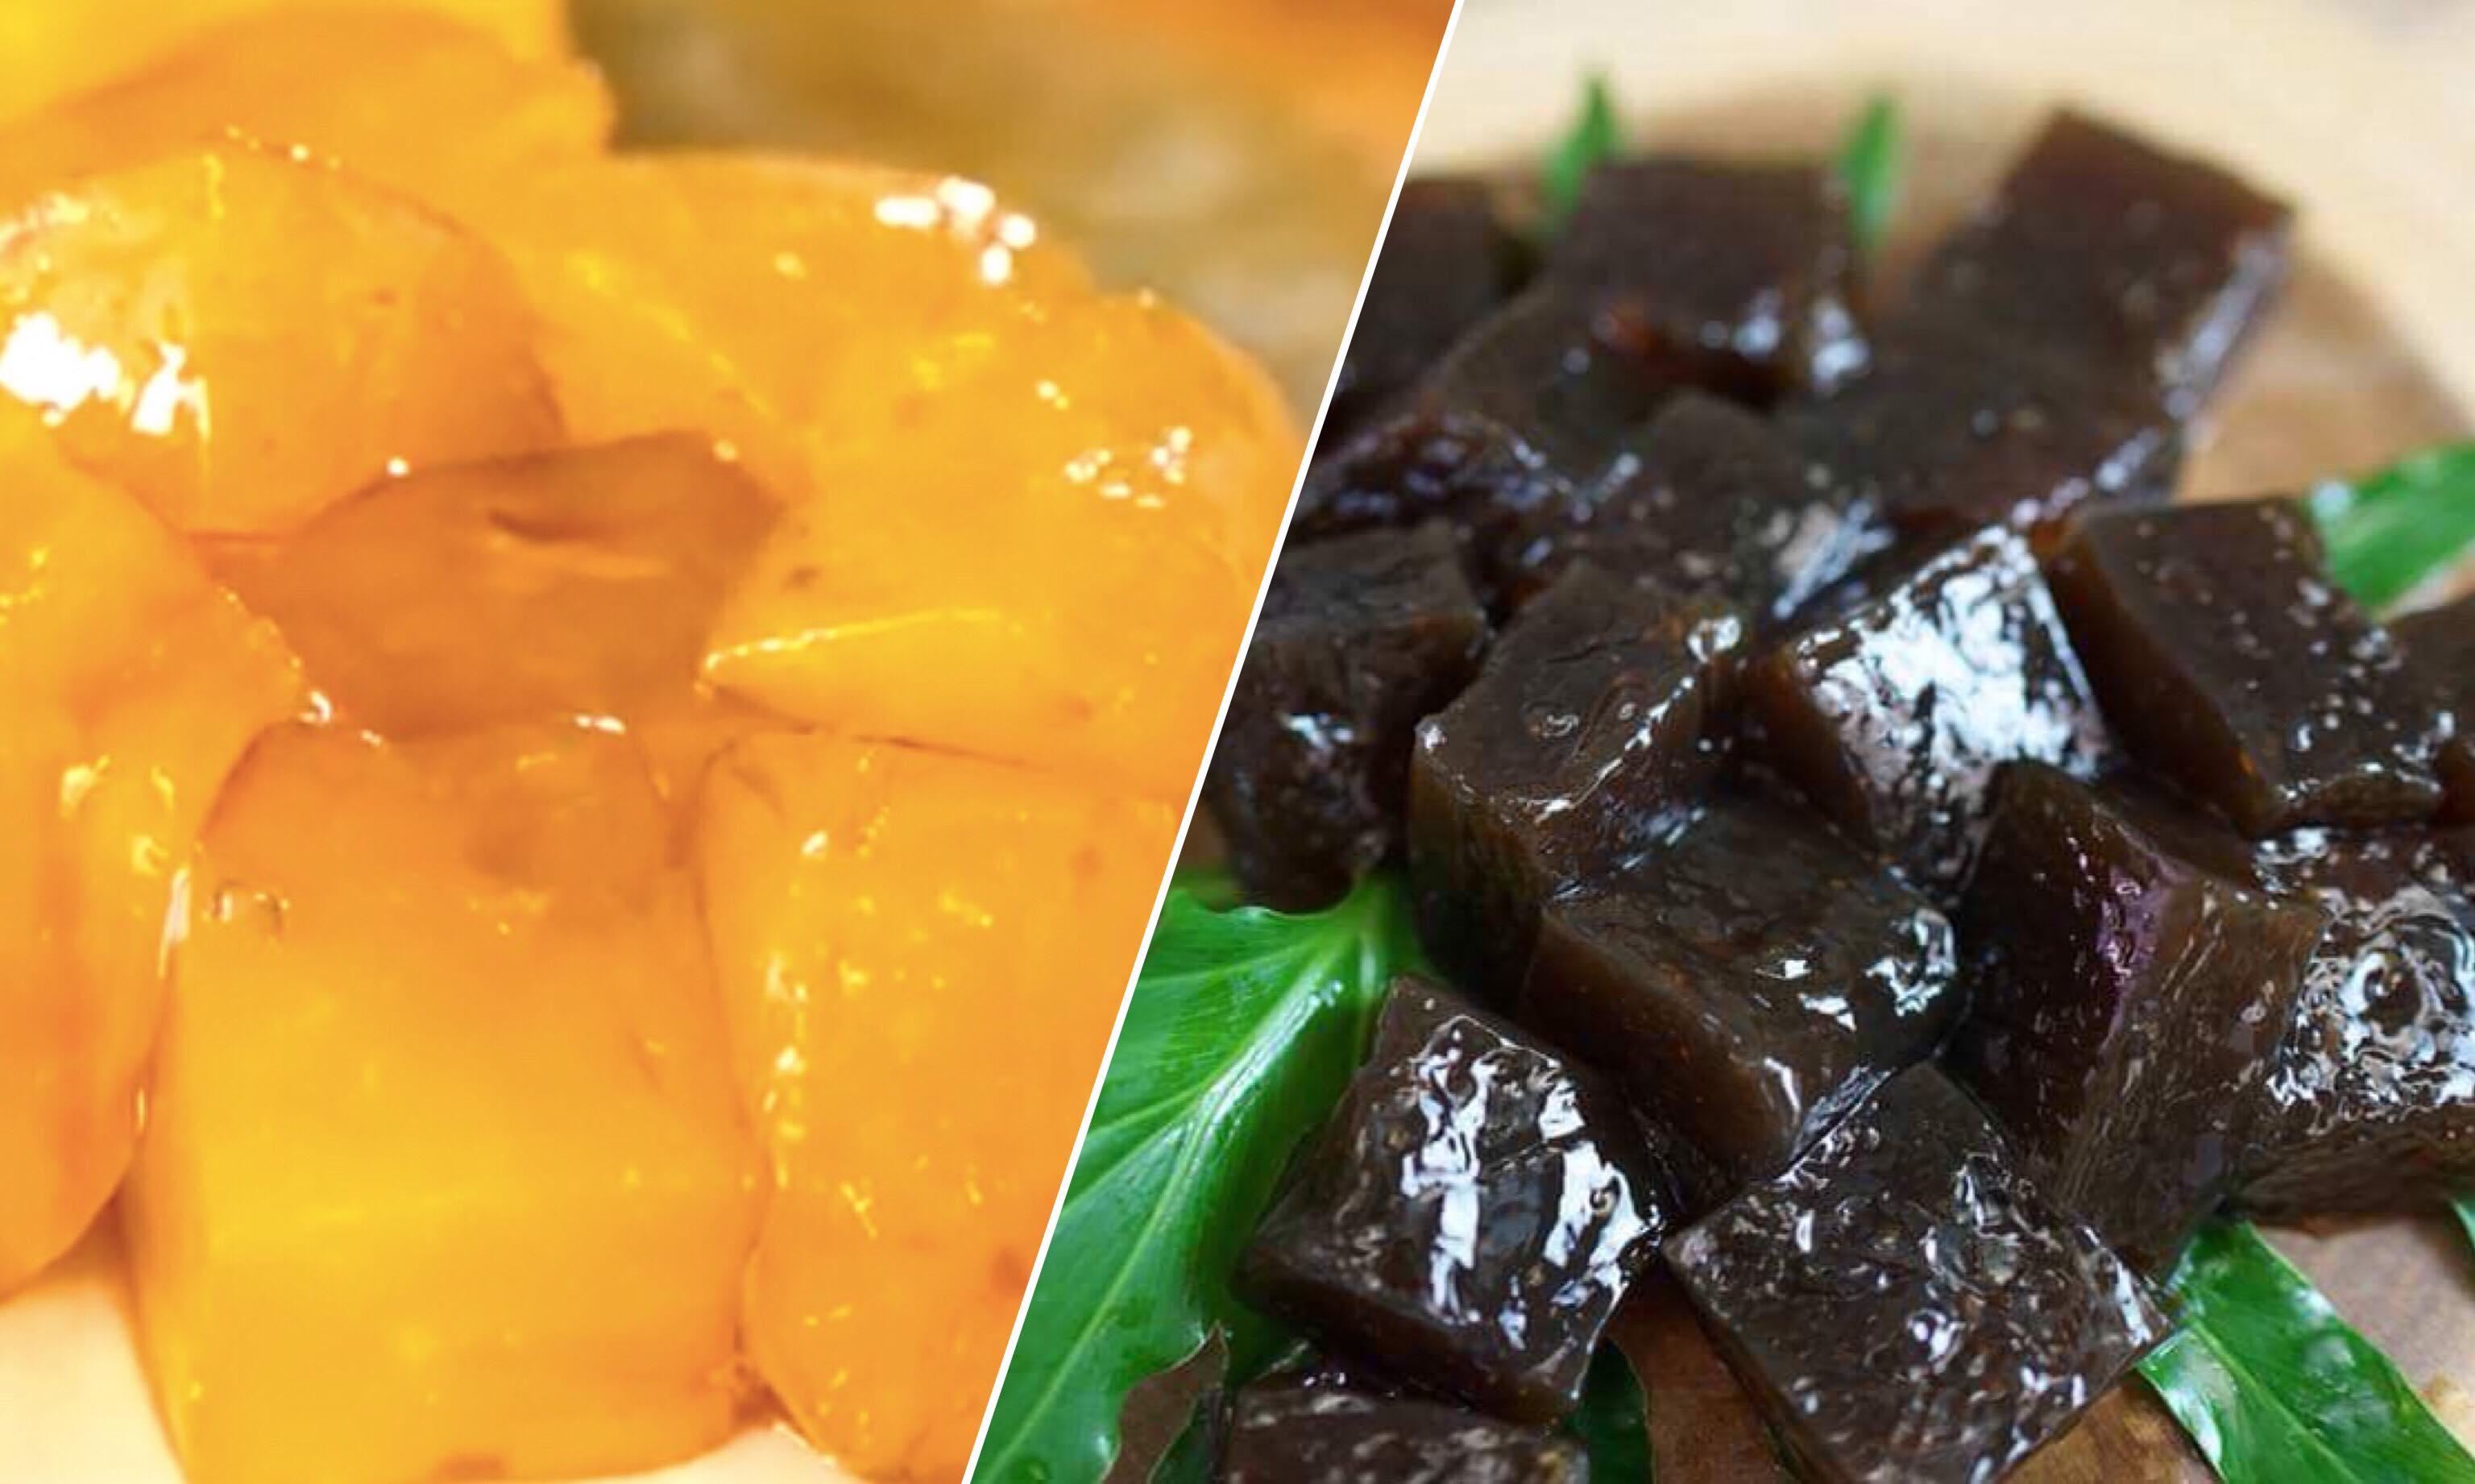 「超天然!用 2 種食材做出手工古早味粉圓、黑糖粉圓」簡單配方教你一次學會!